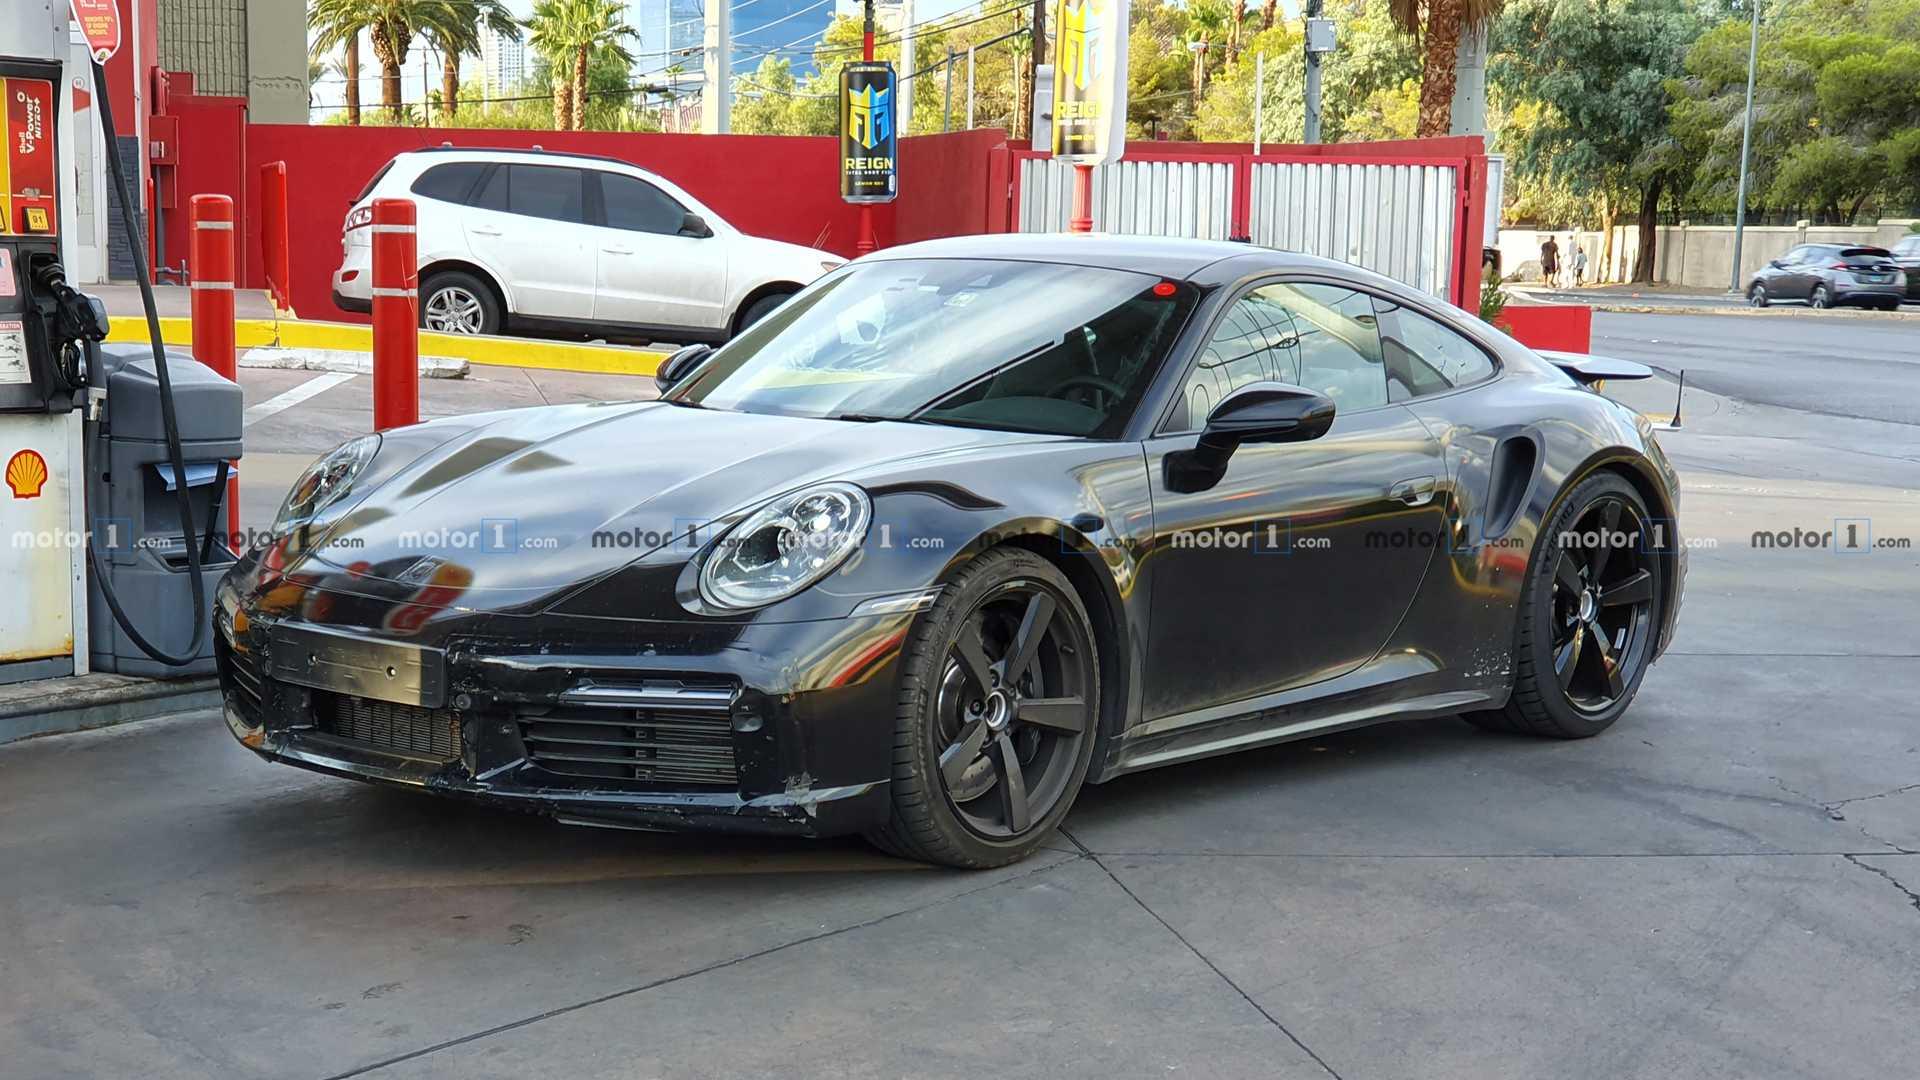 porsche-911-turbo-le-foto-spia.jpg